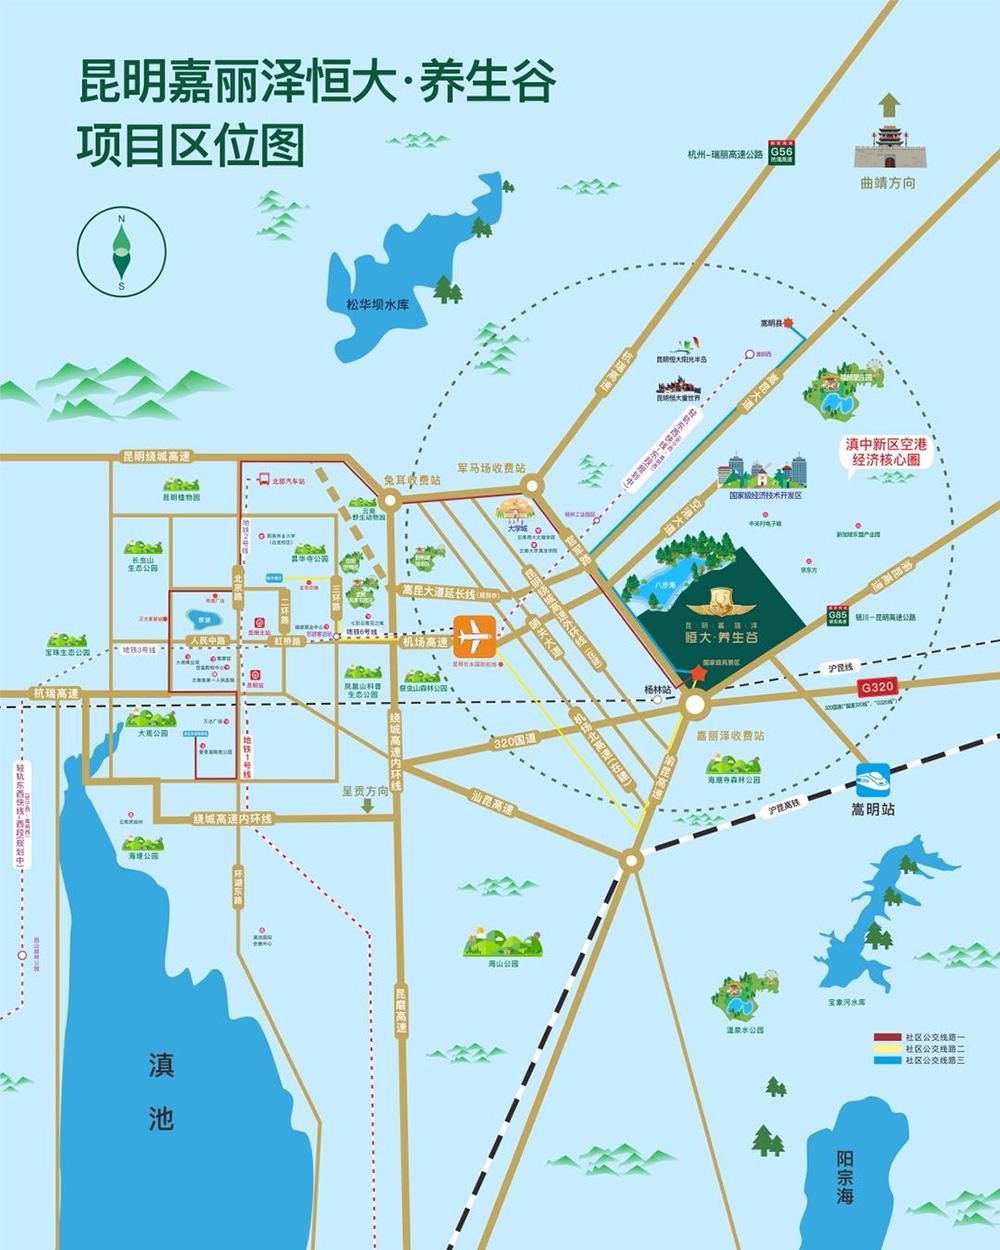 http://yuefangwangimg.oss-cn-hangzhou.aliyuncs.com/uploads/20191226/5d60485d94c8a04a181f131a02f44316Max.jpg